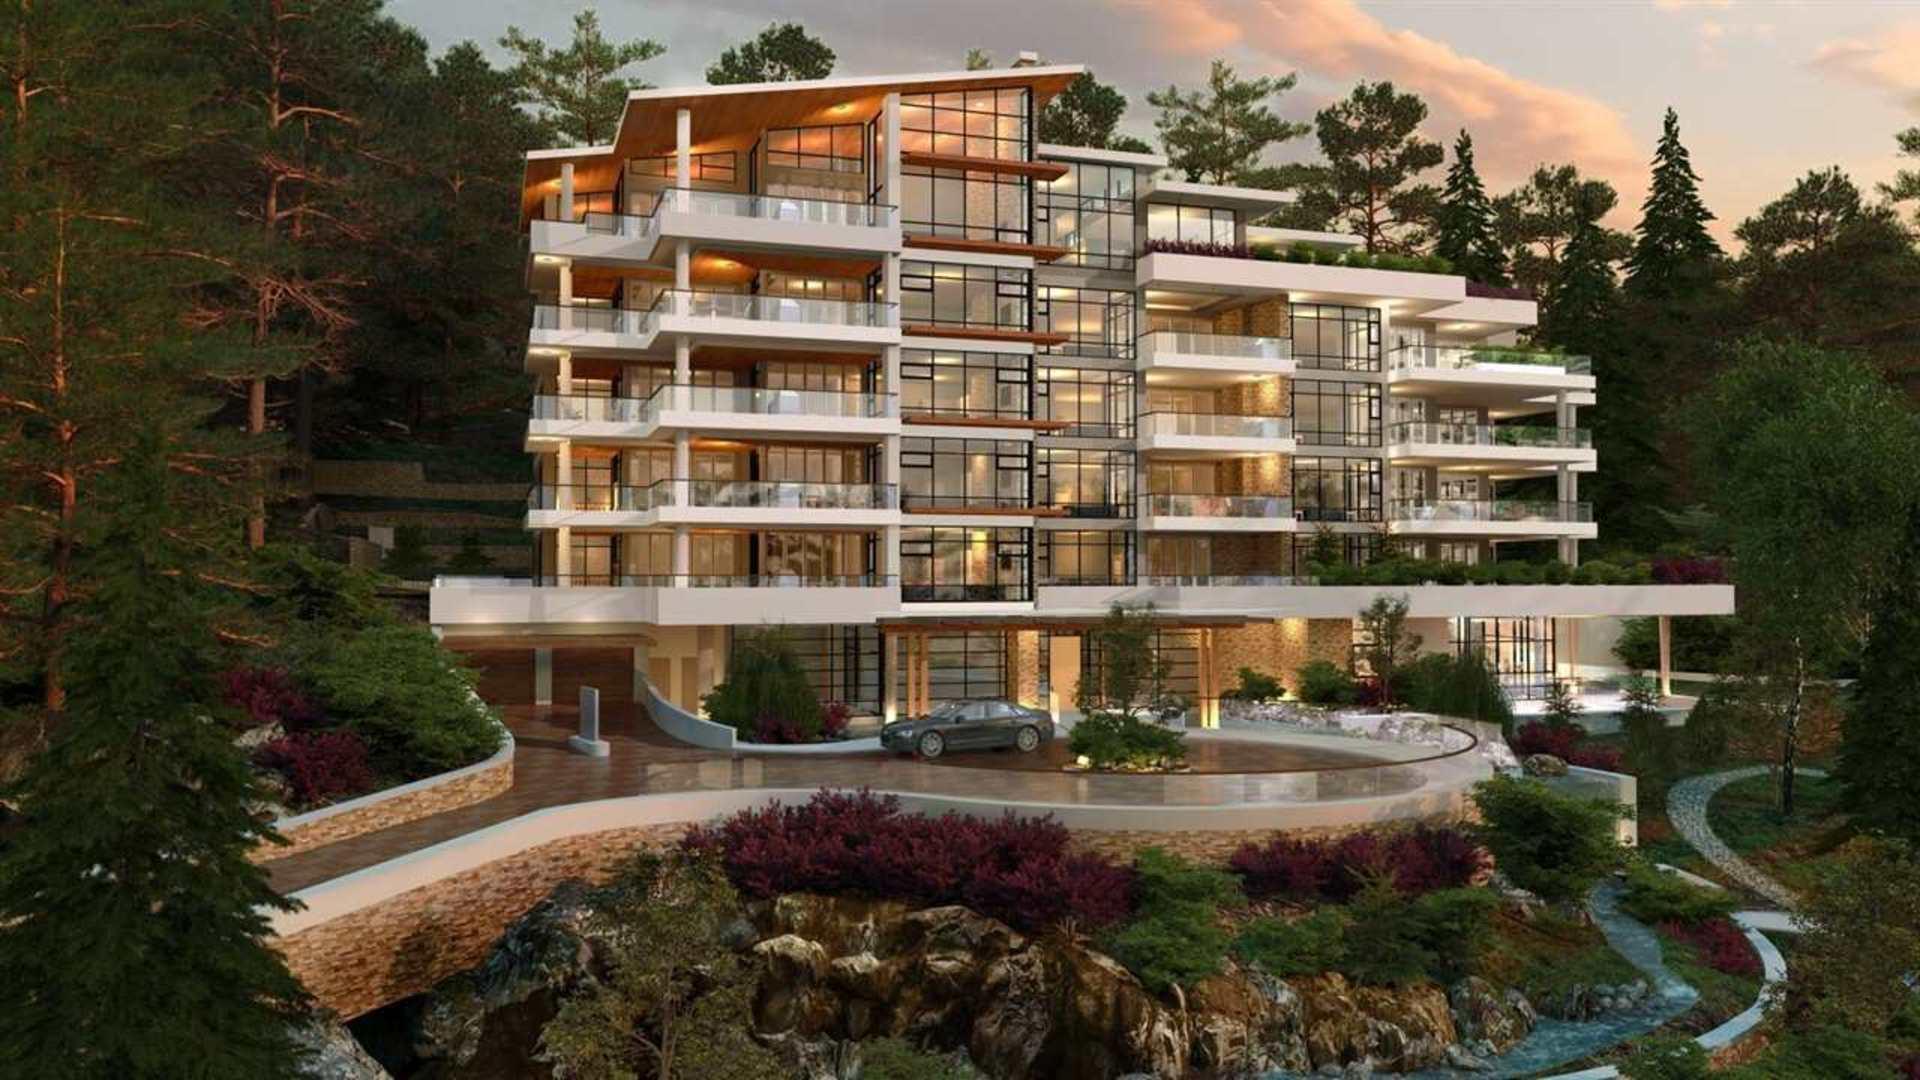 301 - 2958 Burfield Place, Cypress Park Estates, West Vancouver